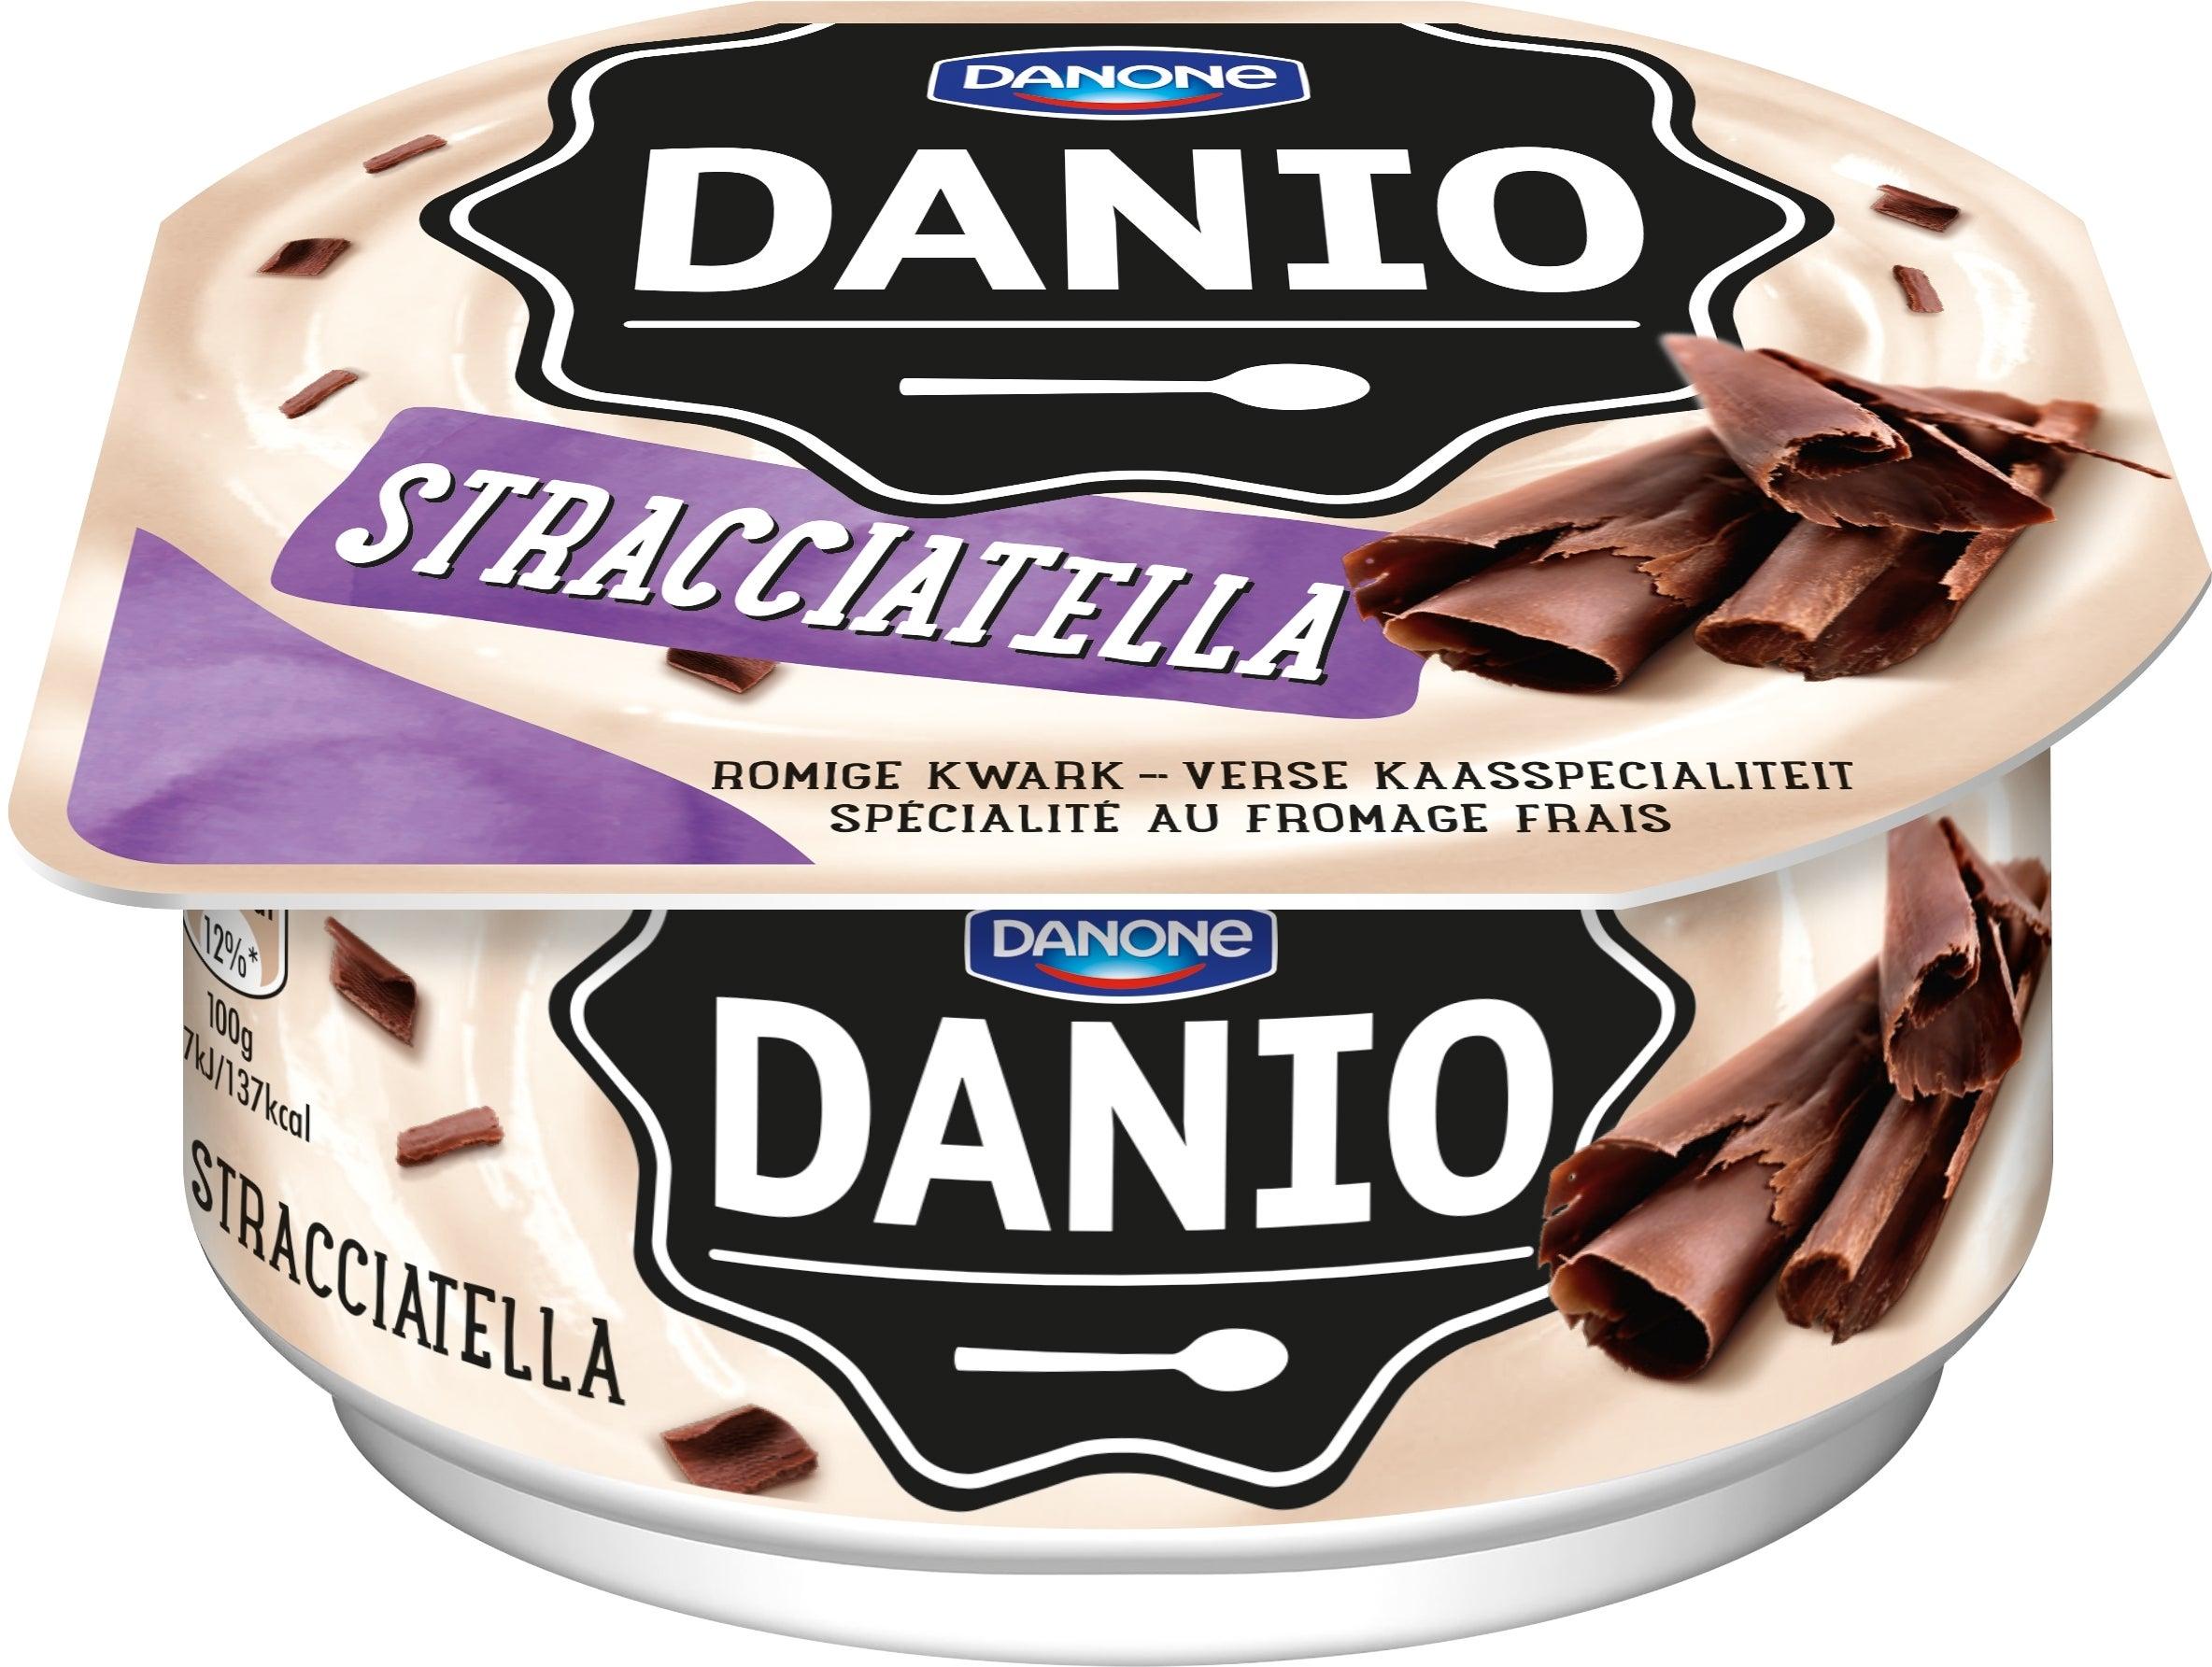 Danio Stracciatella 180g